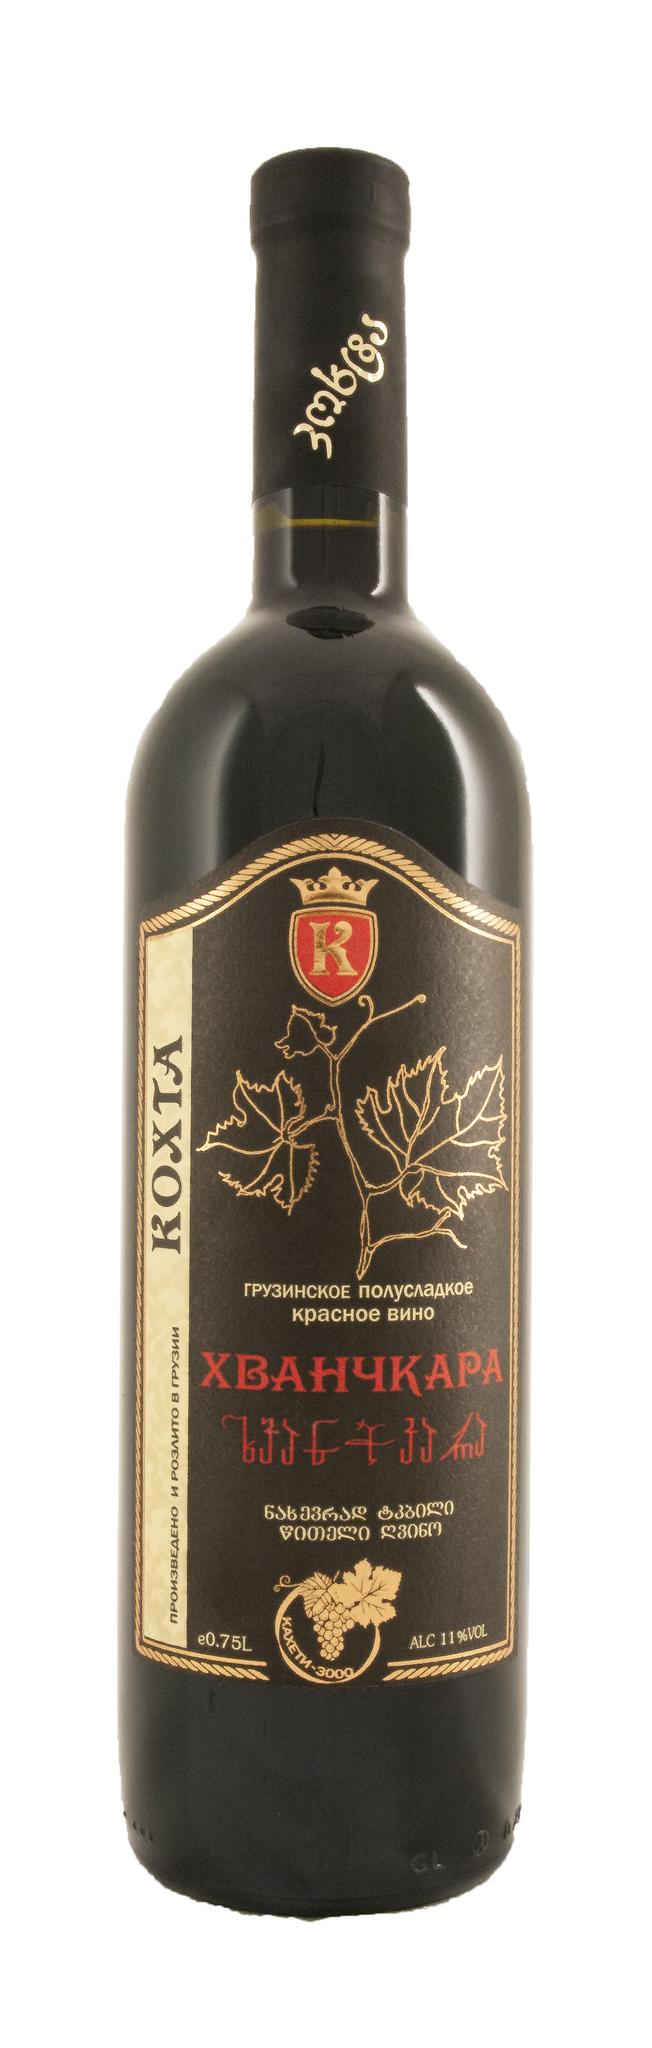 Вино Хванчкара красное п/сл. 0,75 л рег. Кахетия (6)